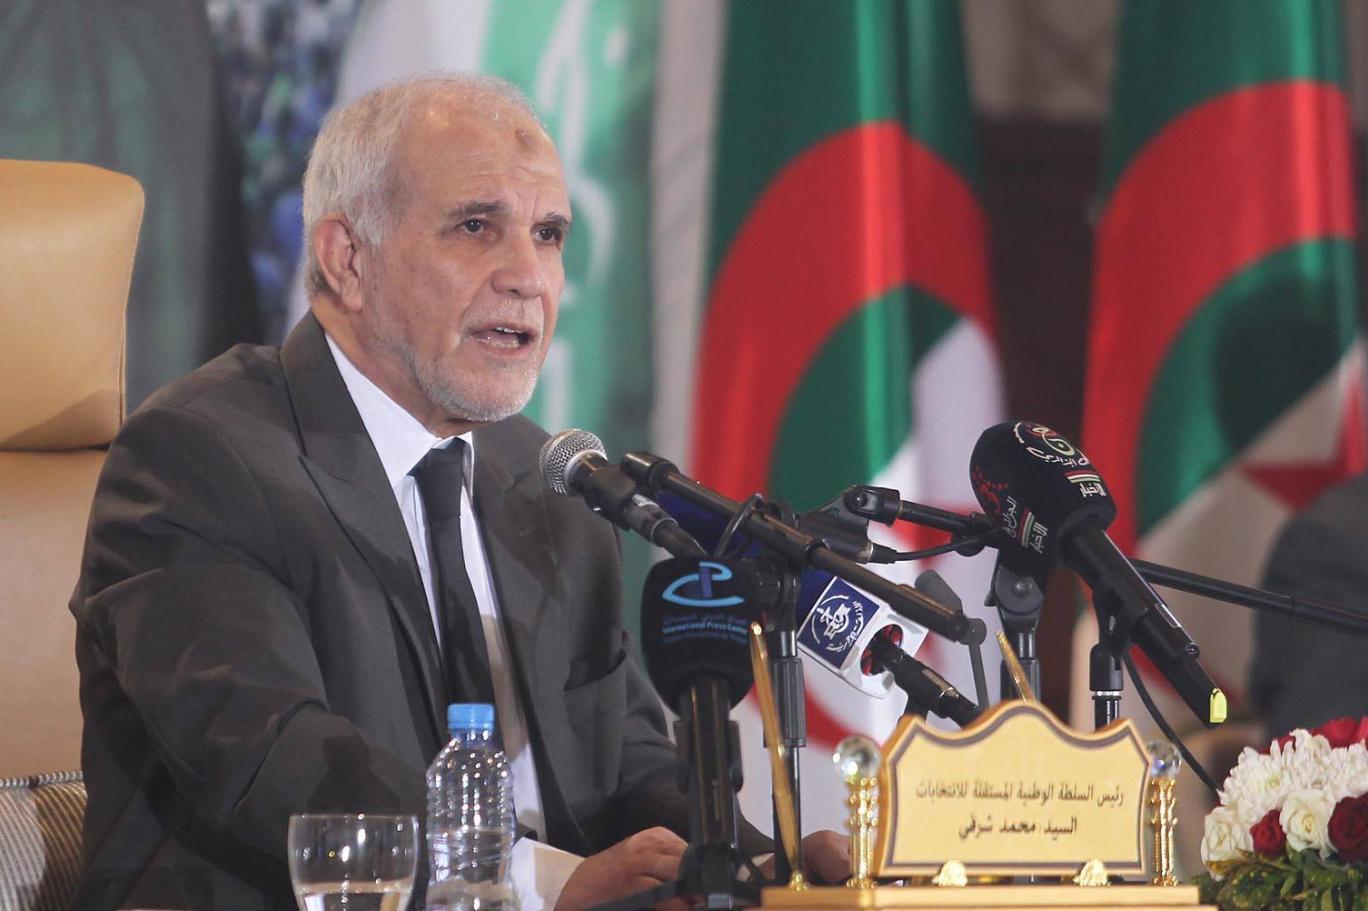 أول تعليق لمحمد شرفي عن سير العملية الانتخابية